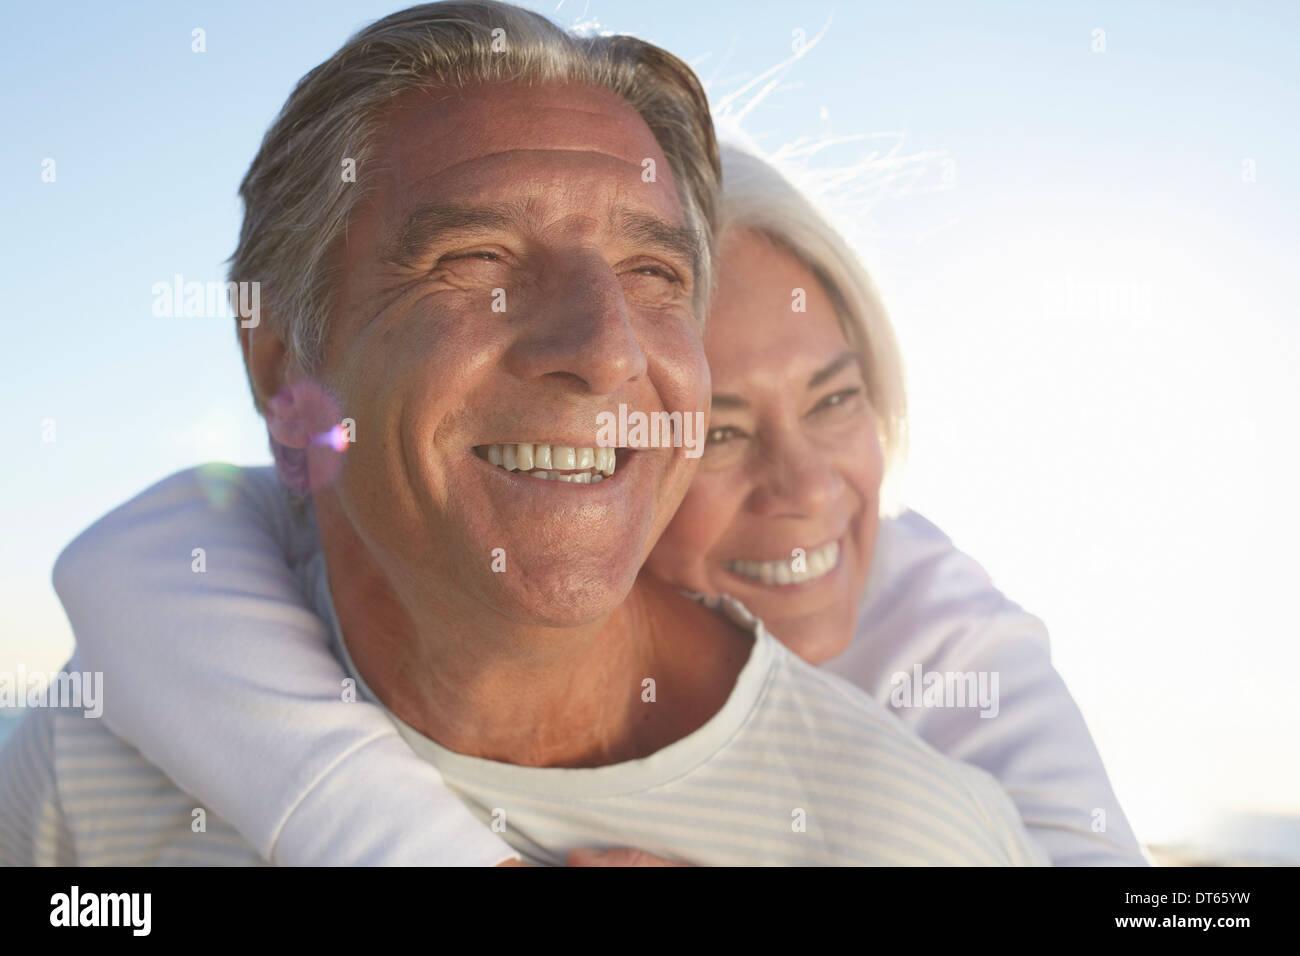 Ritratto di coppia felice all'aperto Immagini Stock